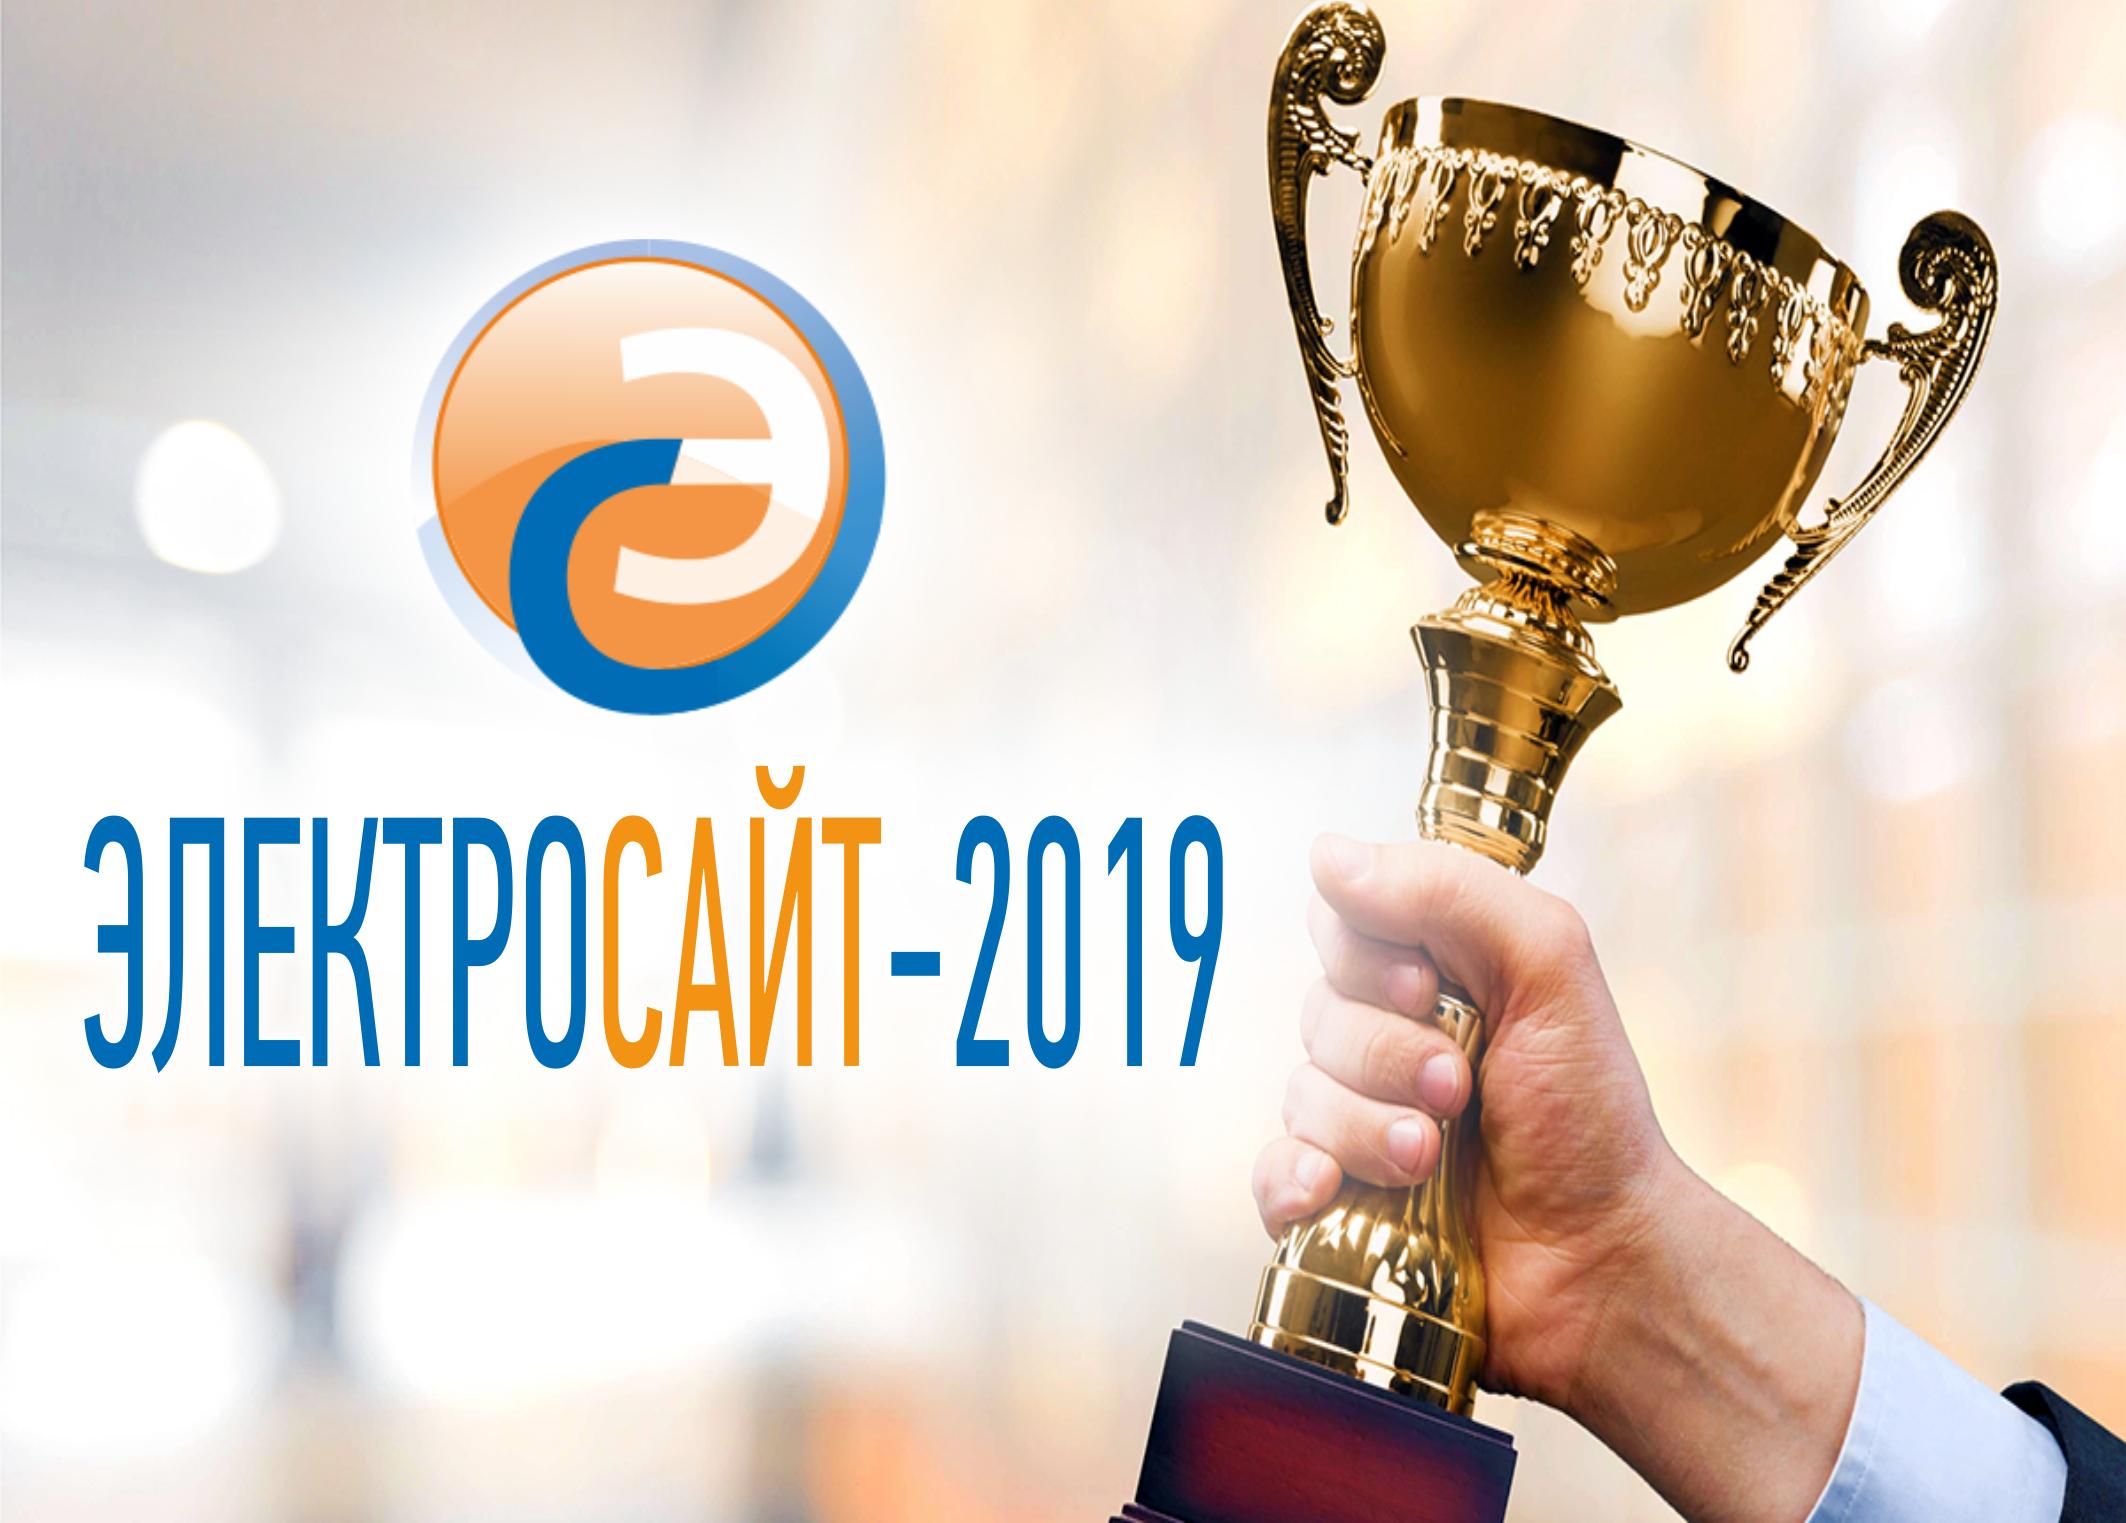 Организаторы конкурса «Электросайт-2019»: участие бесплатное, выгод множество